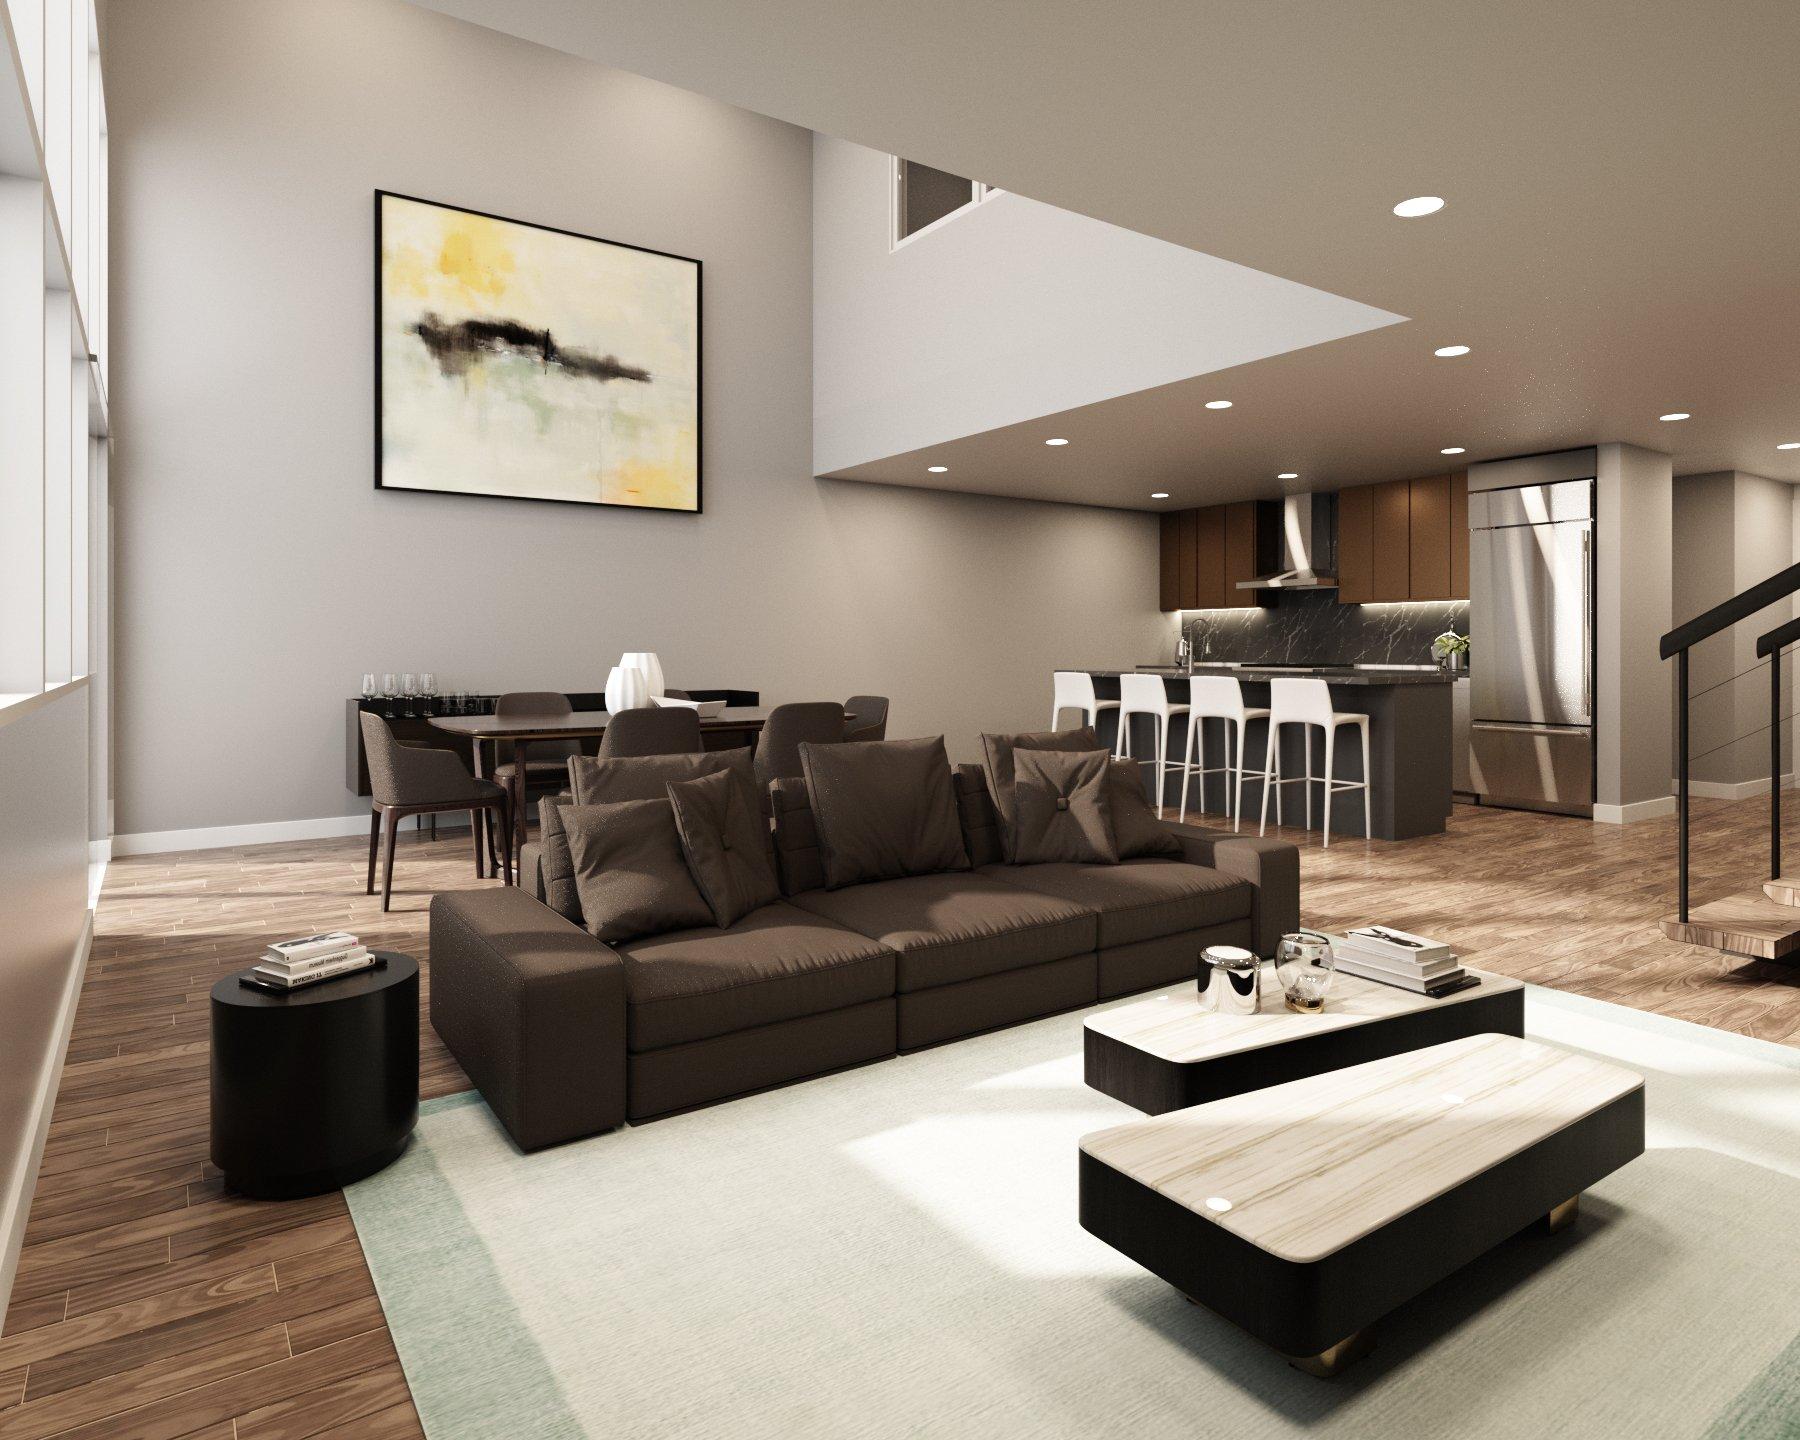 18218201-S. 16th_Interior_Final_1R Living Room-Dark Night